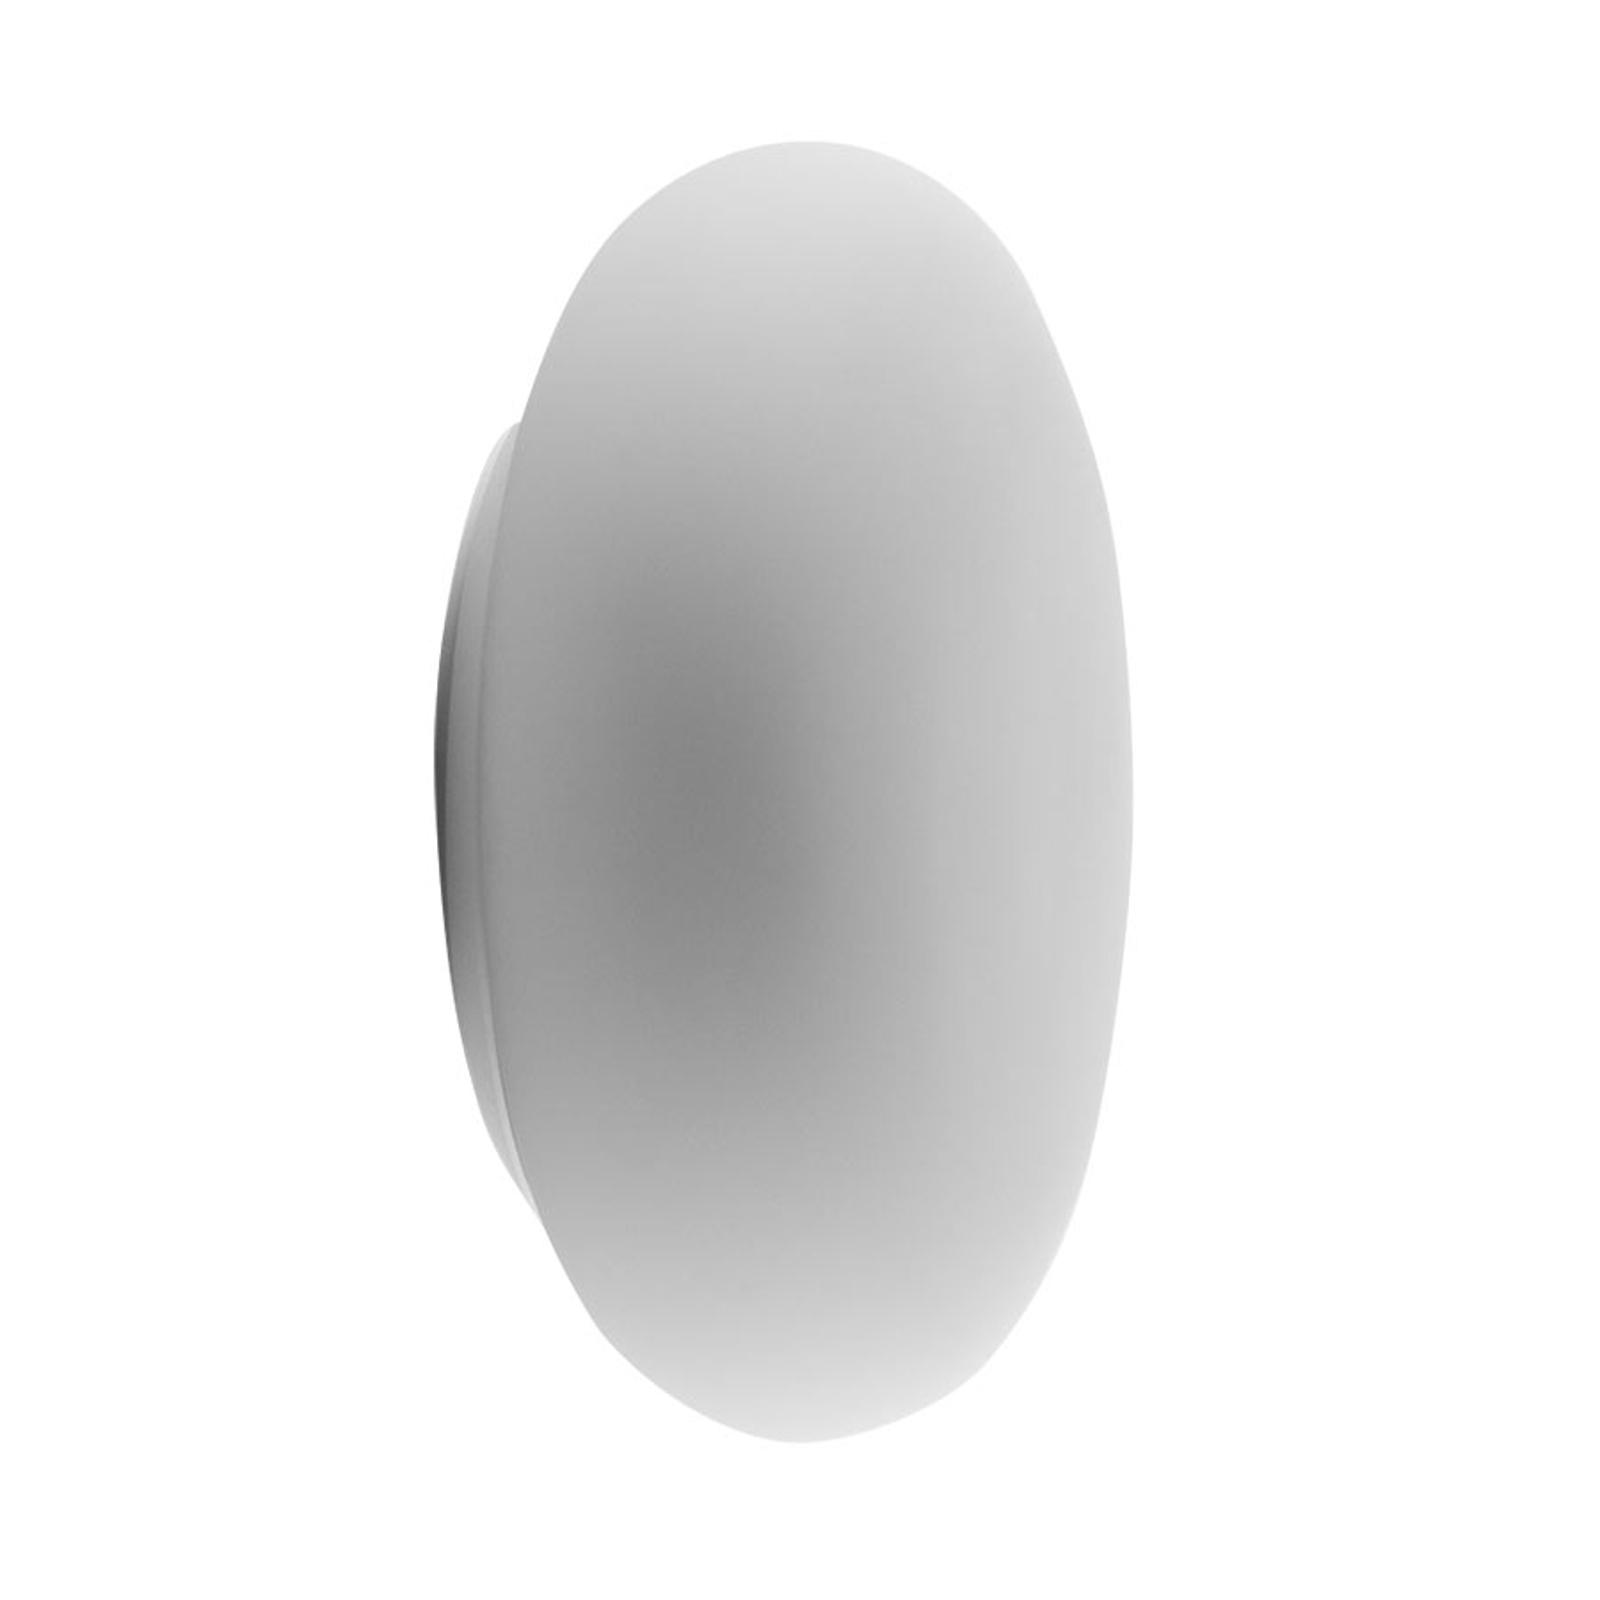 Artemide Itka glasvägglampa IP65 Ø 35 cm